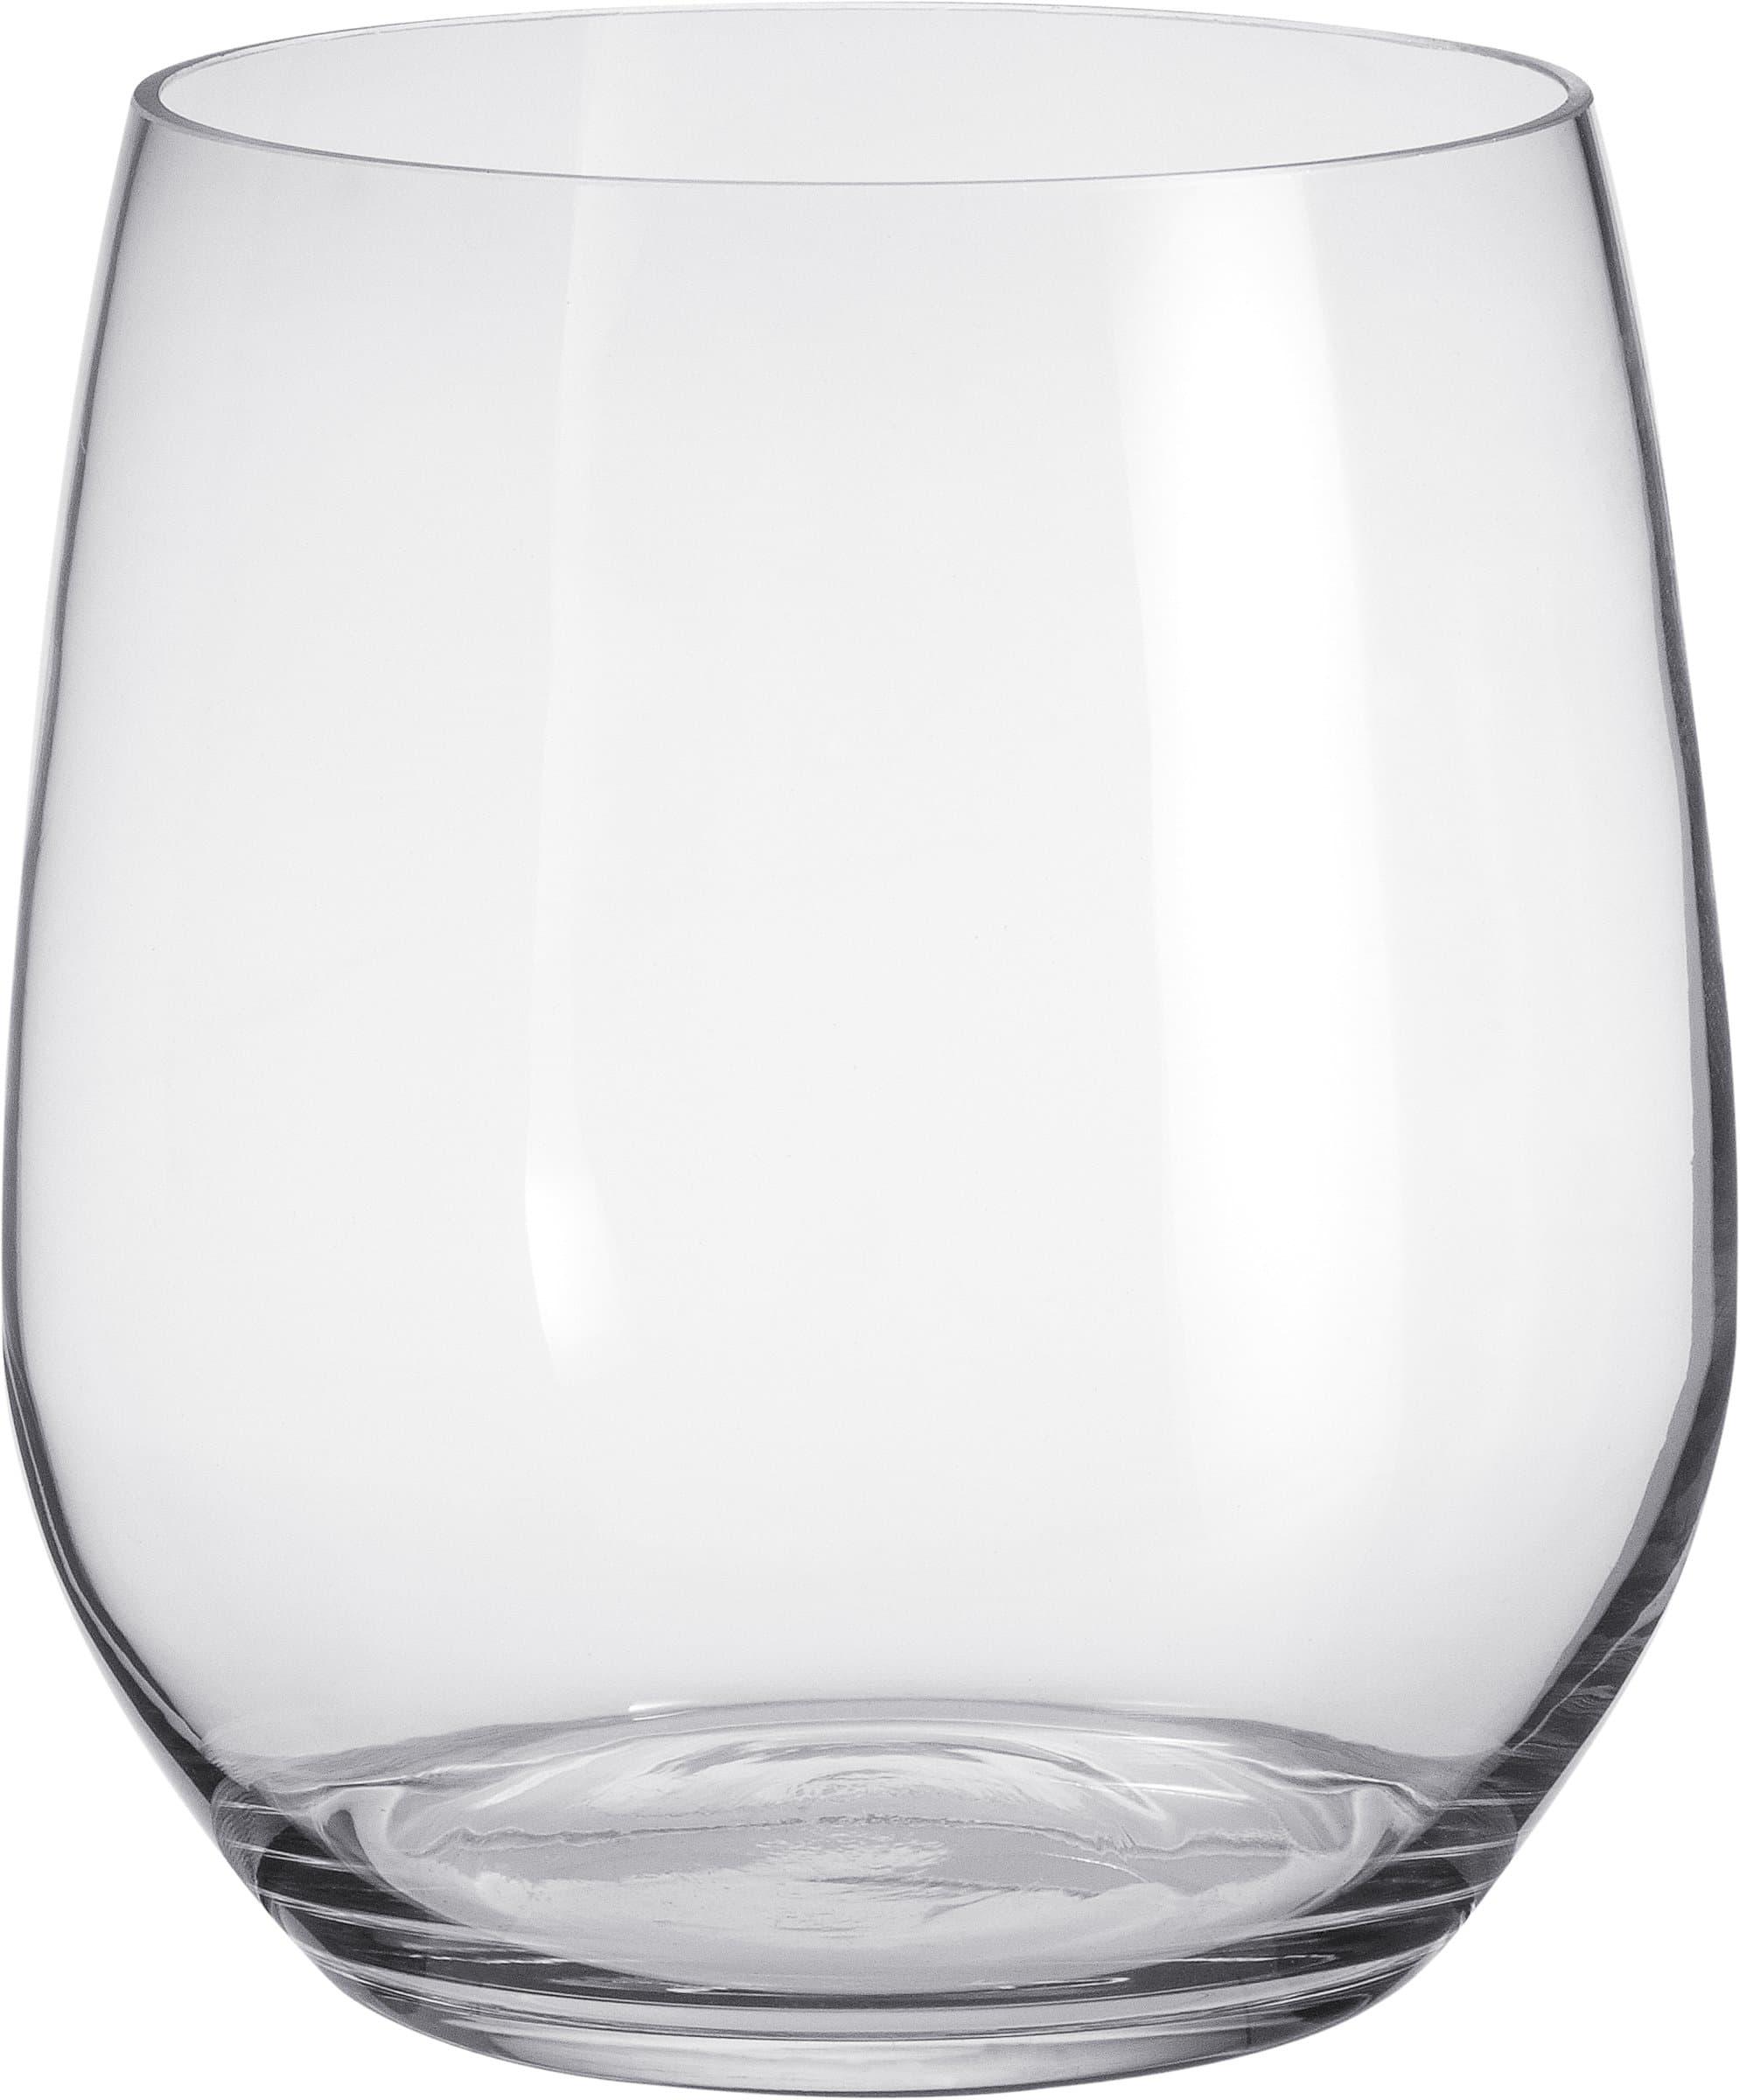 Hakbjl Glass Vaso Tony